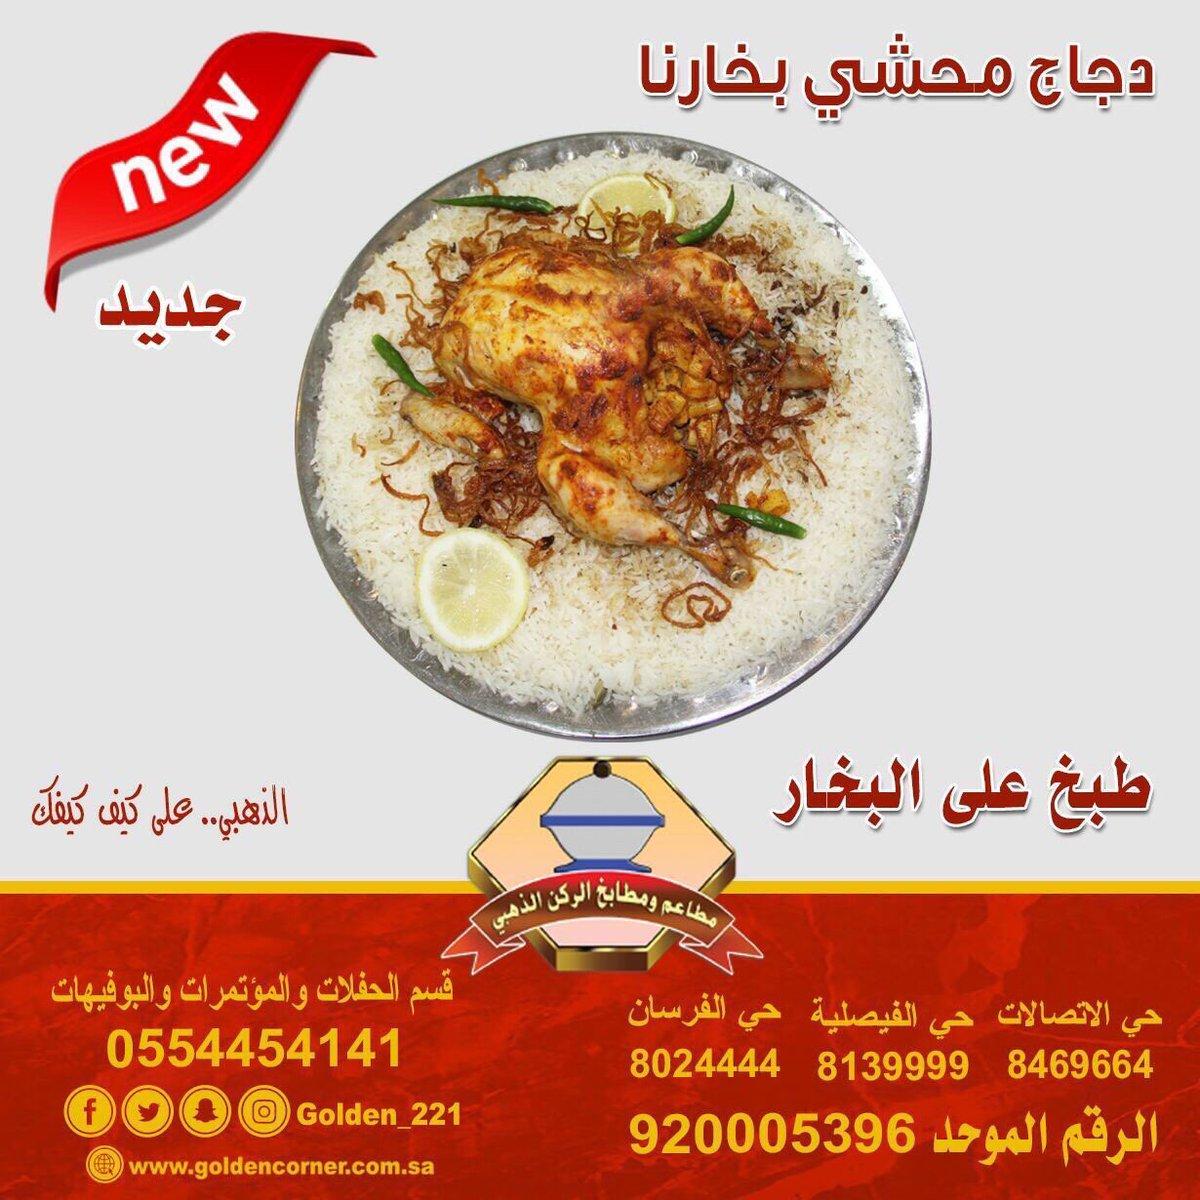 مطاعم الركن الذهبي On Twitter جديد دجاج محشي بخارنا على كيف كيفك السعودية الدمام الخبر مطاعم الركن الذهبي الذهبي على كيف كيفك الرقم الموحد 920005396 Https T Co 8hekppi4sq